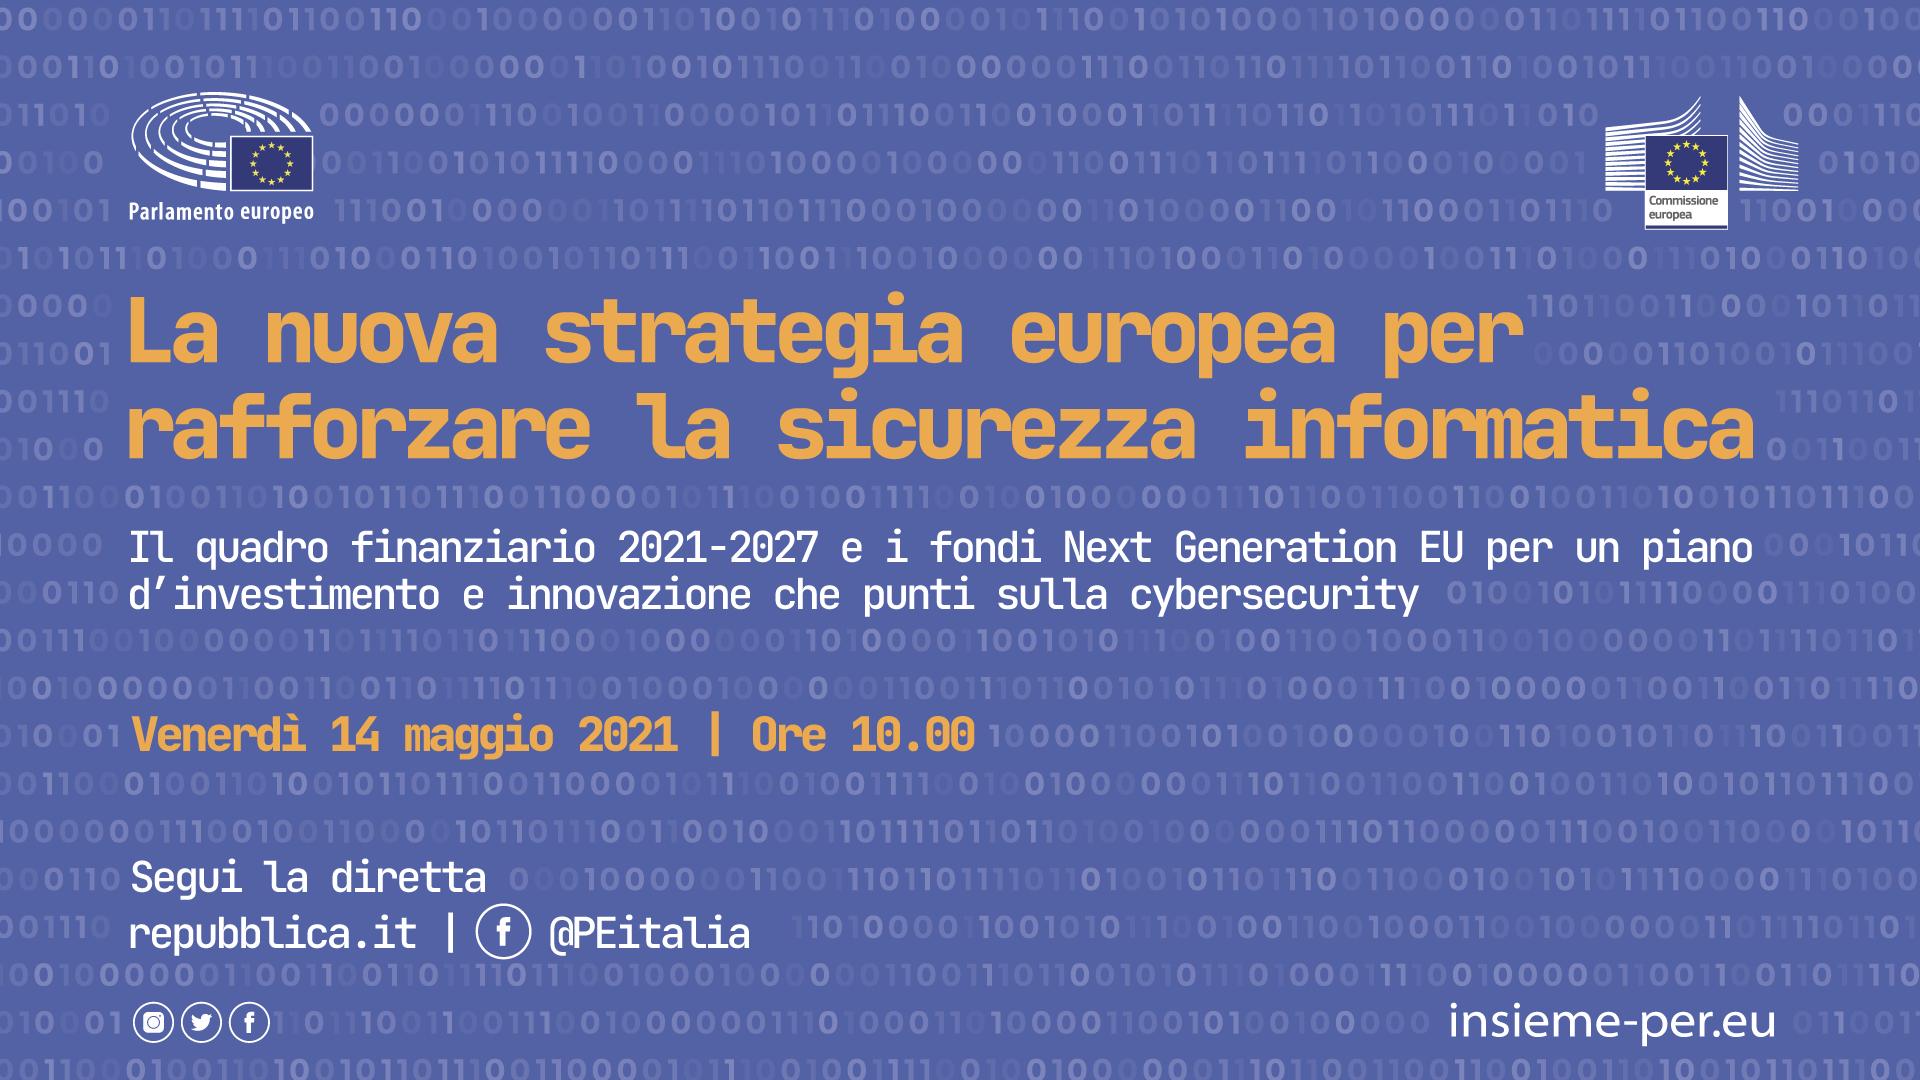 """La nuova strategia europea per rafforzare la sicurezza informatica"""""""